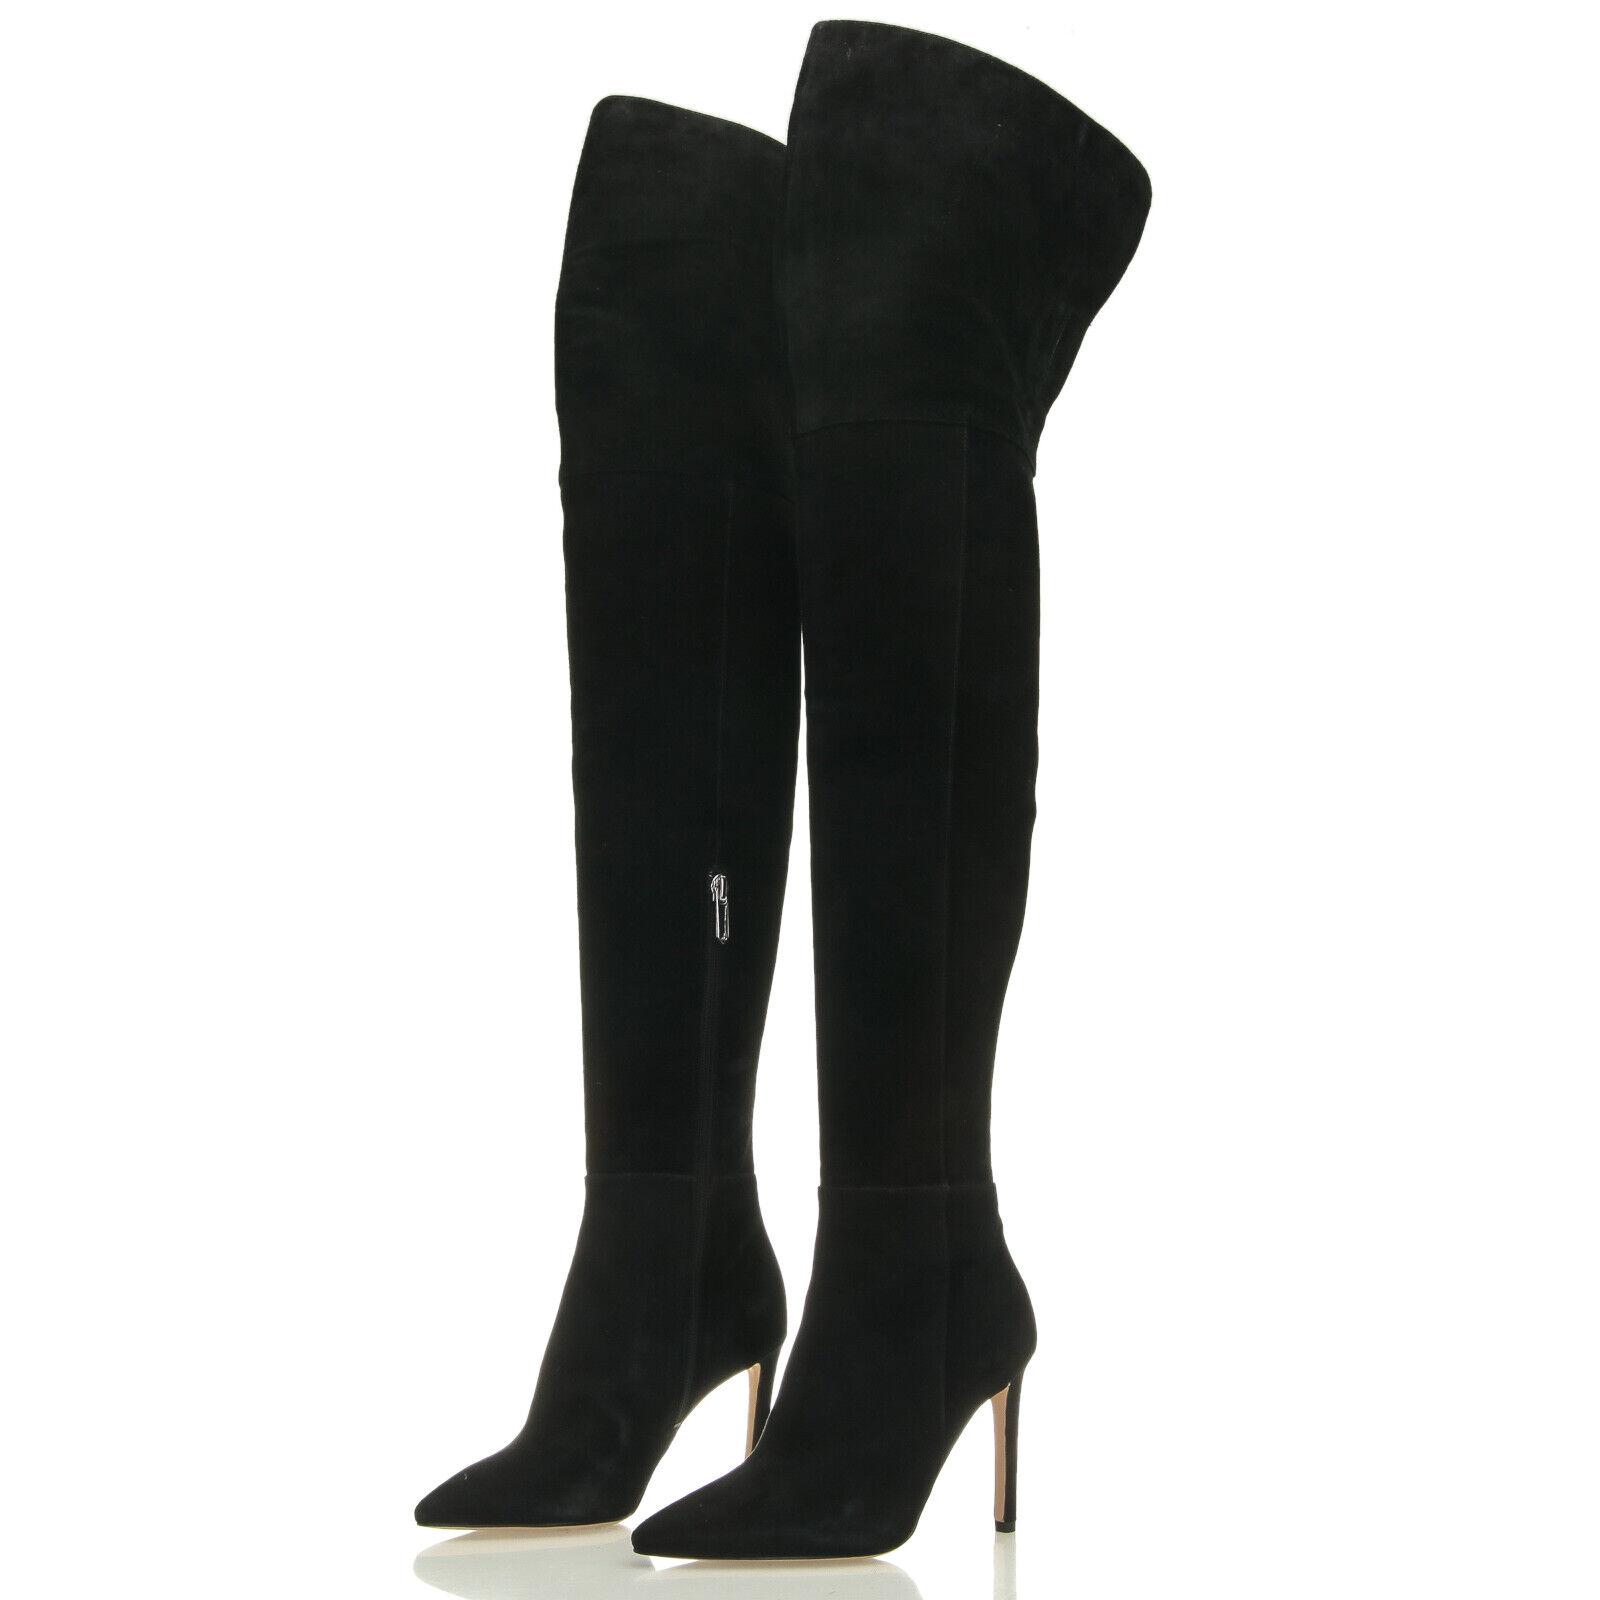 più economico Sam Edelman Bernadette Bernadette Bernadette nero Suede Over-the-Knee OTK stivali - Dimensione 5 M  acquisti online